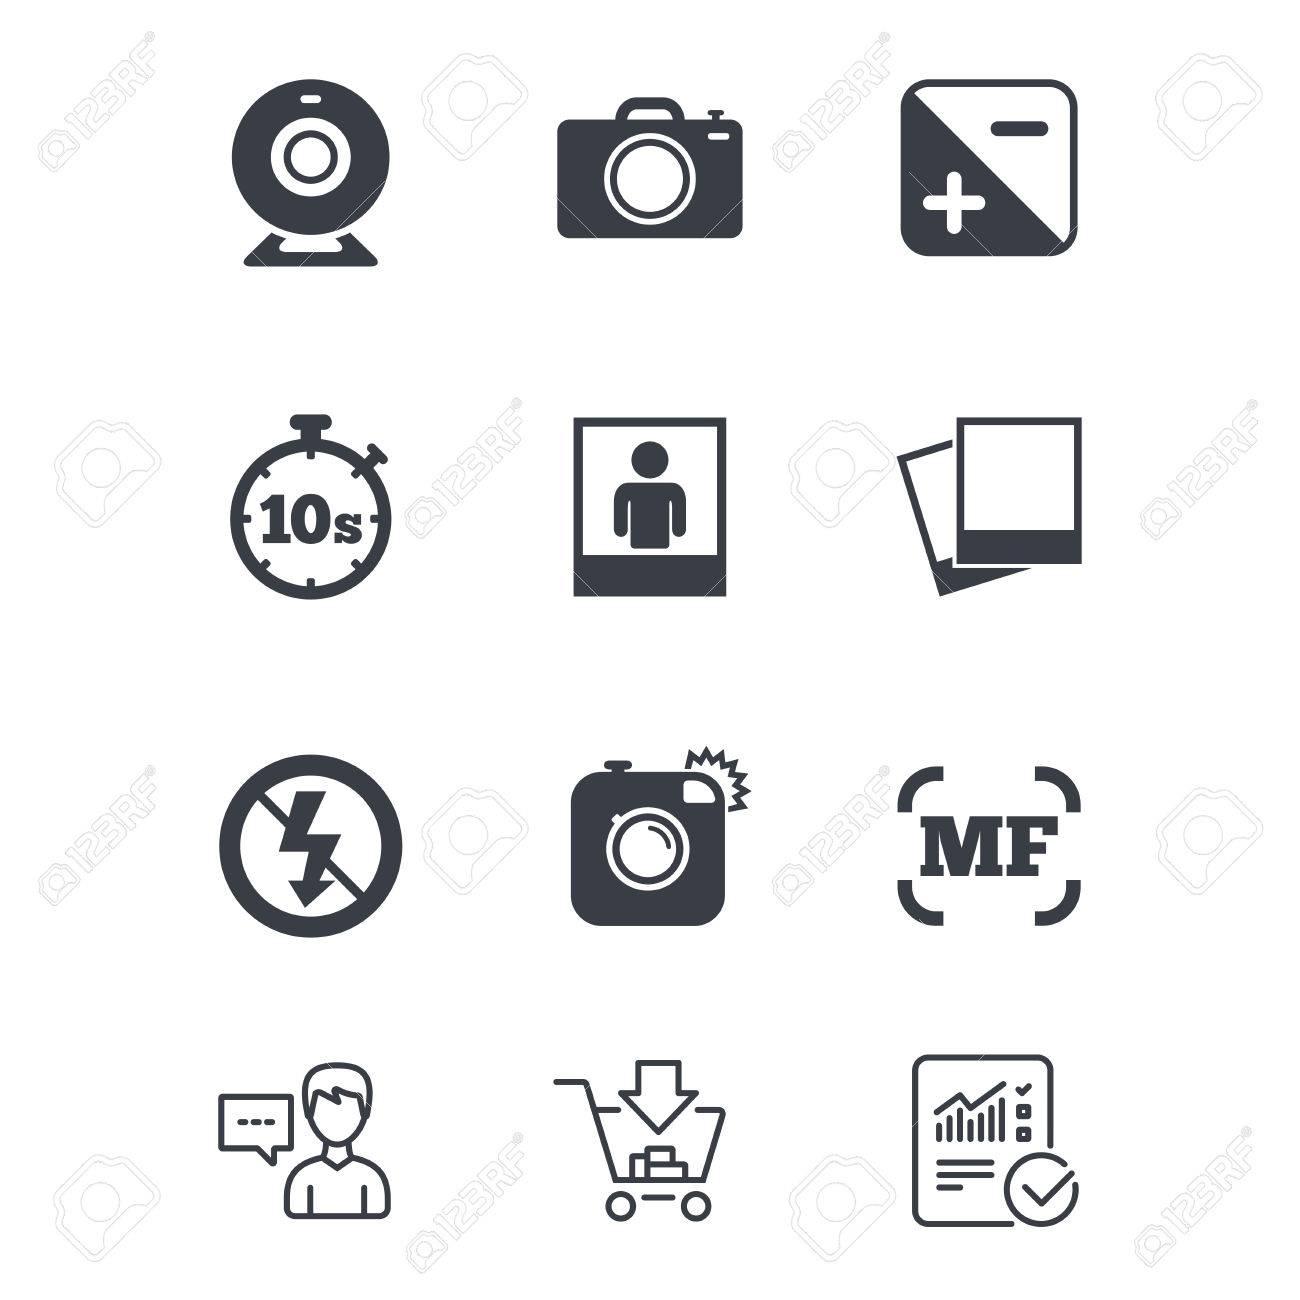 Foto, íconos De Video. Cámara Web, Fotos Y Carteles De Marcos. Sin ...